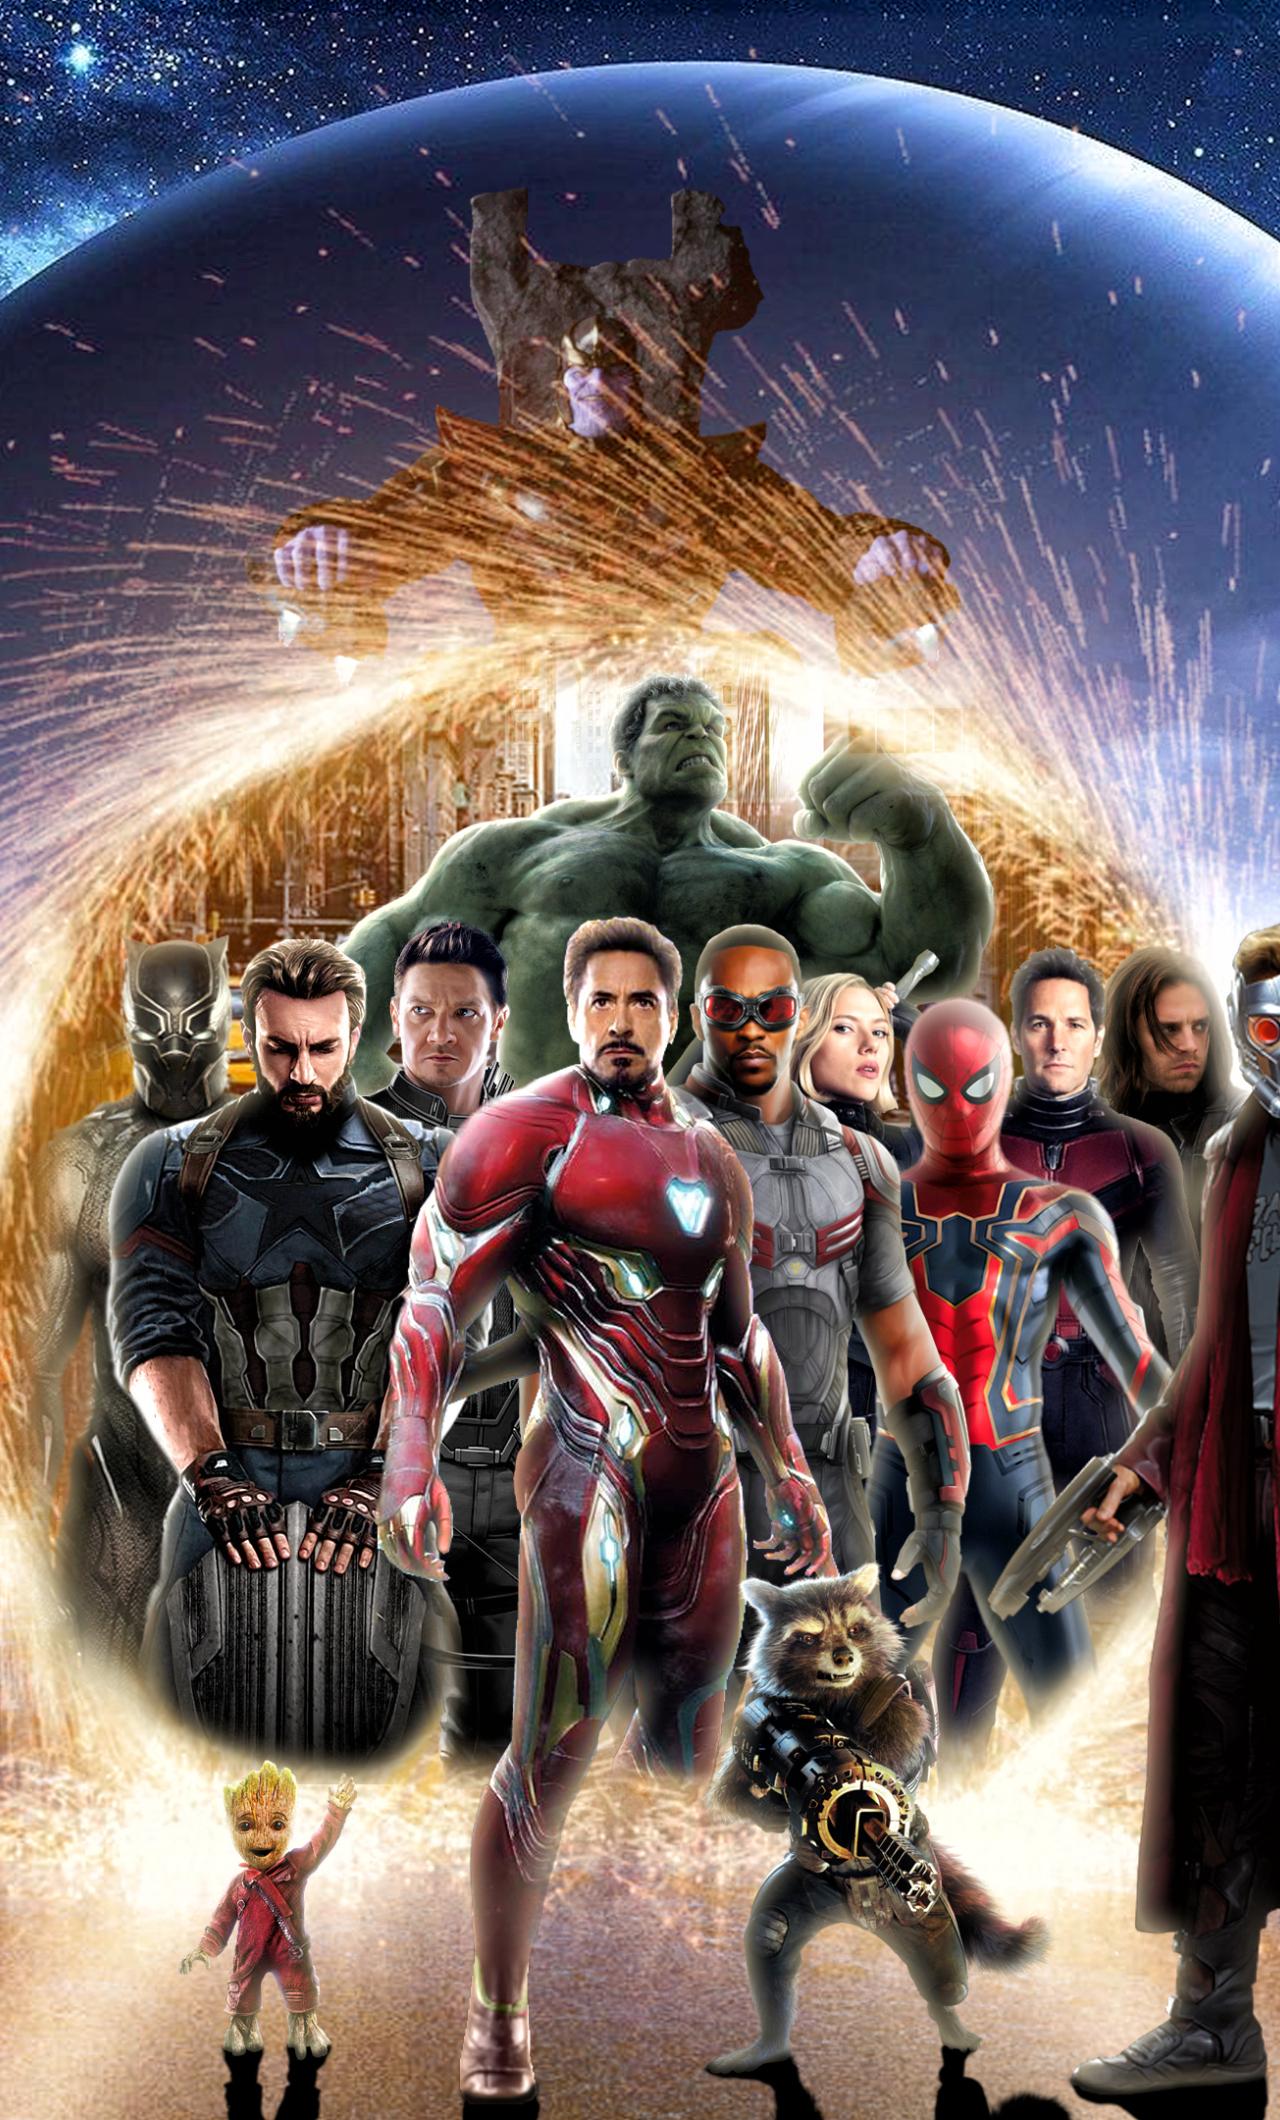 1280x2120 Avengers Infinity War 2018 Digital Art iPhone 6 ...